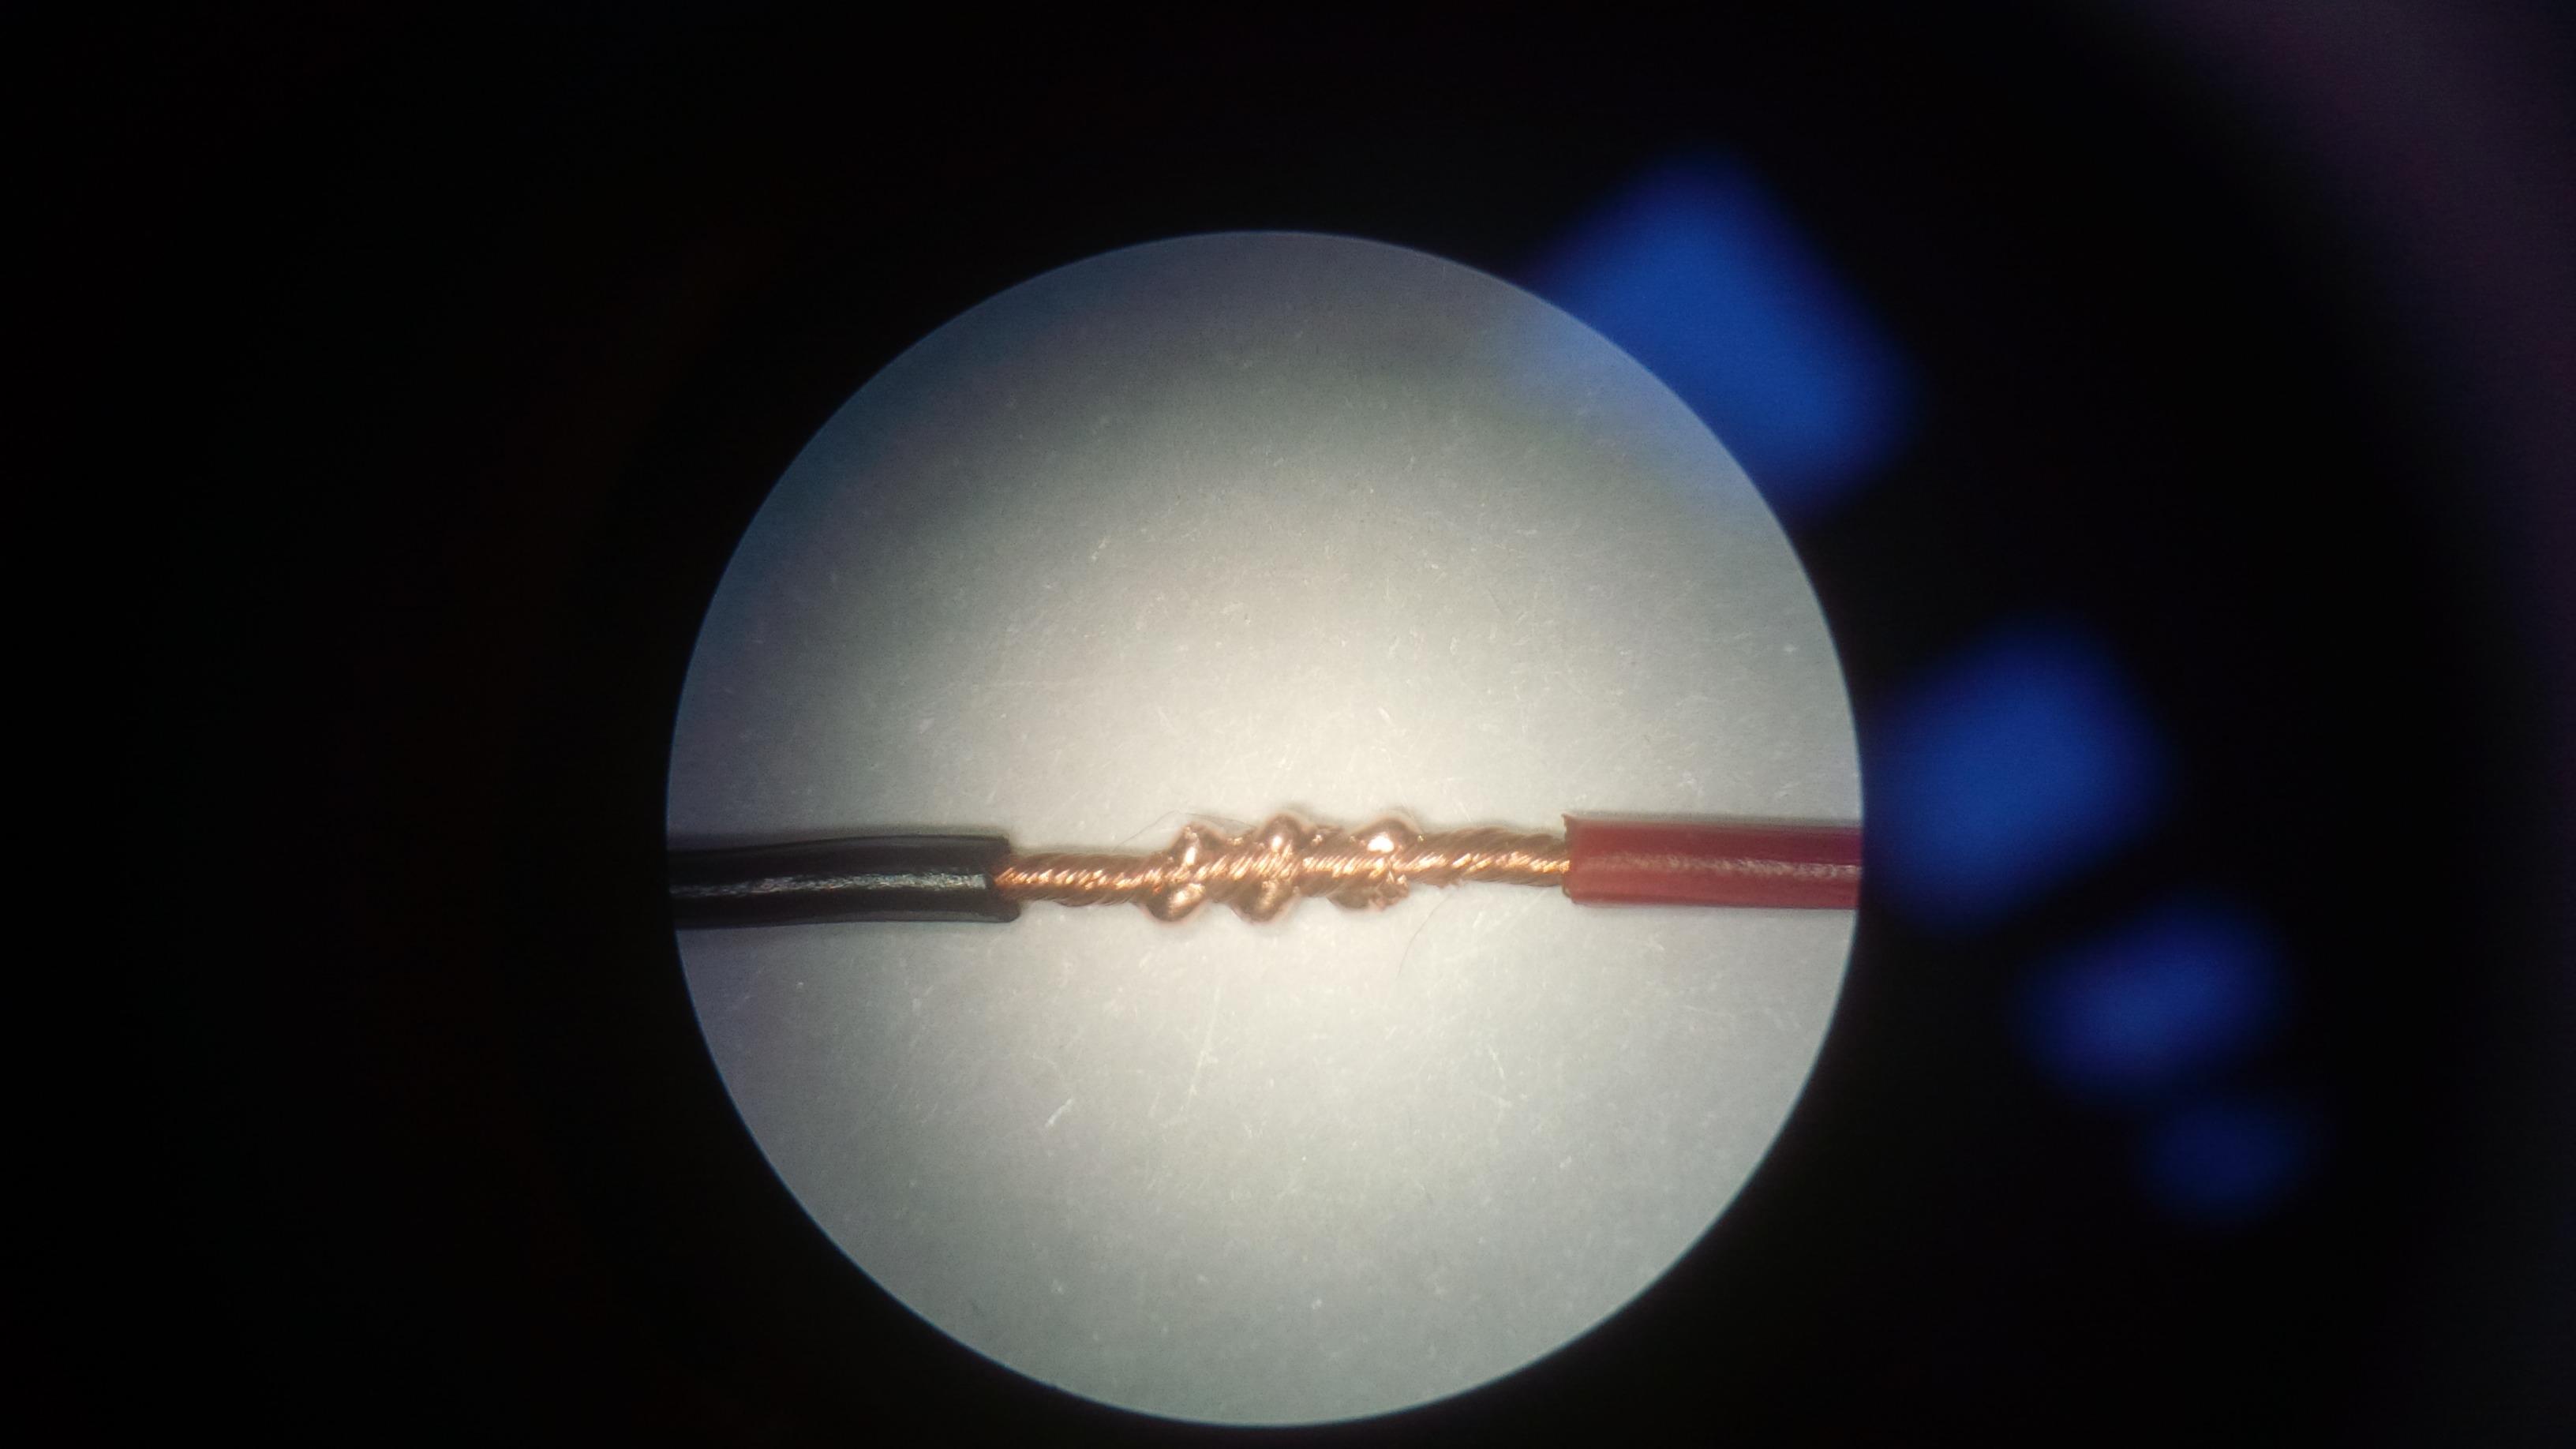 Сварка медных проводников - под микроскопом